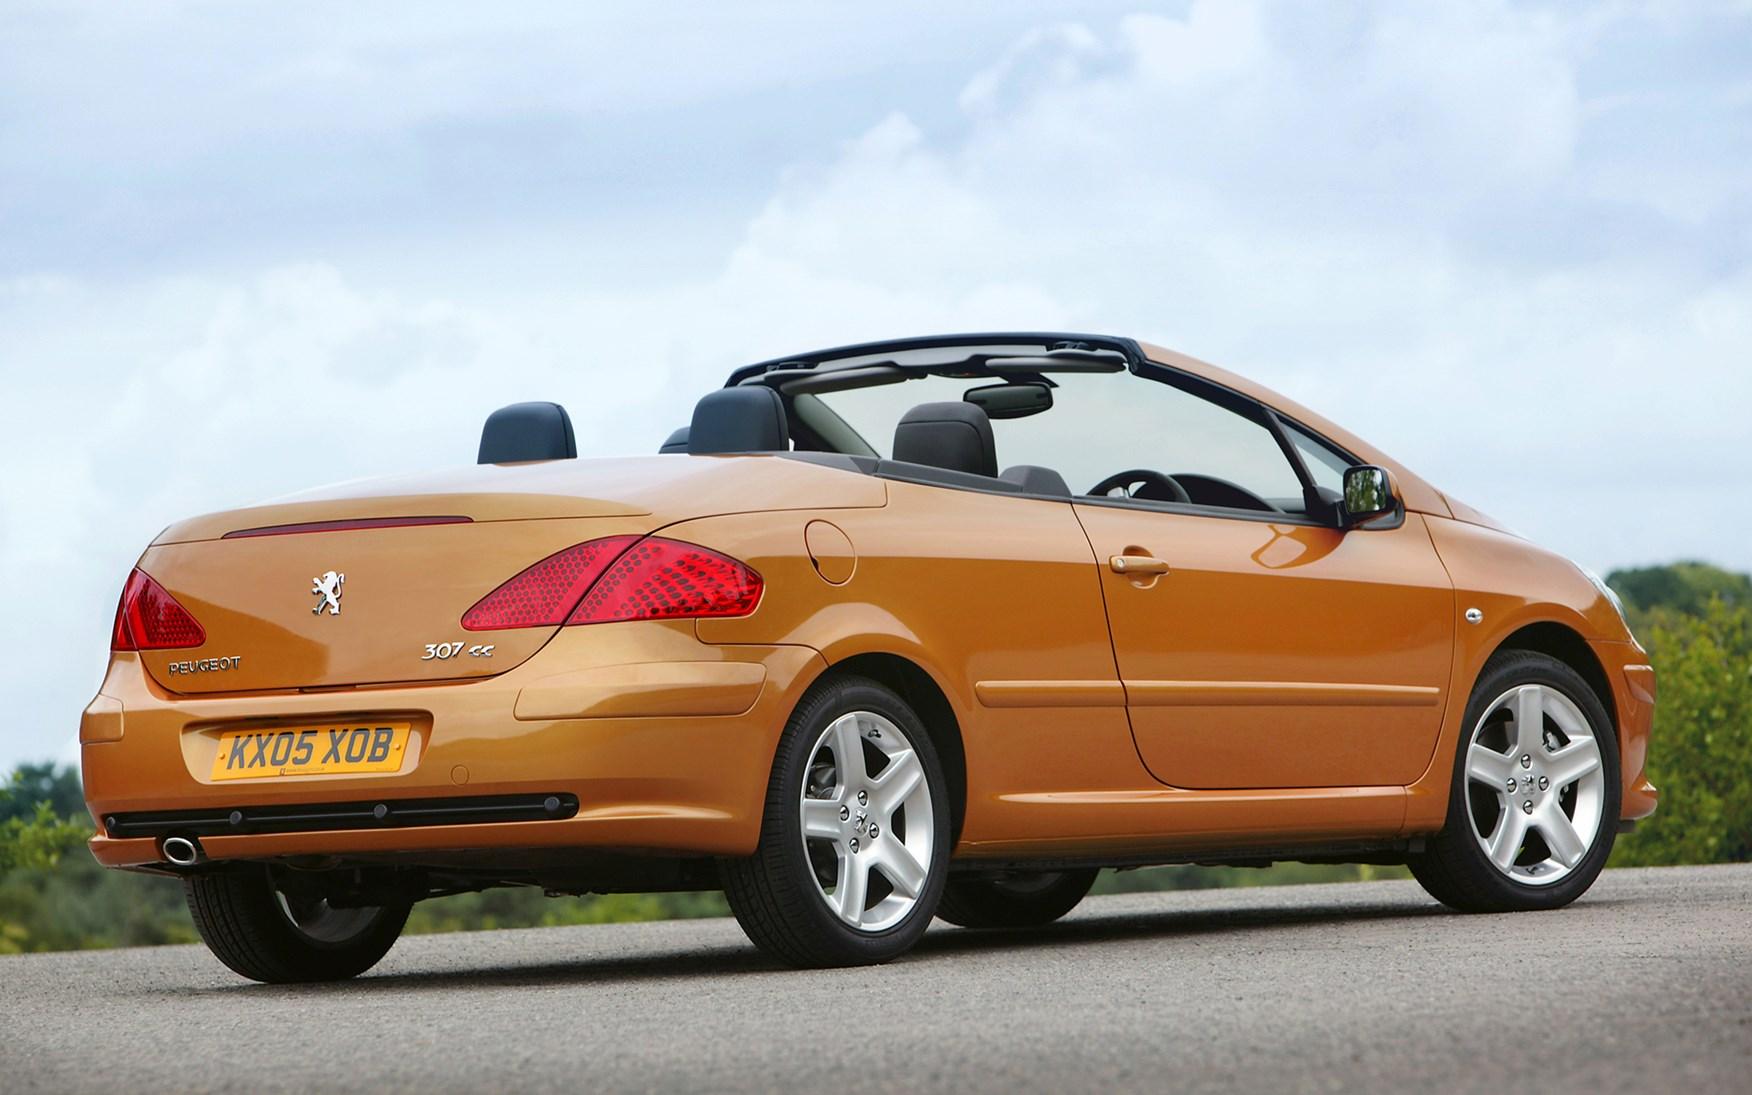 Peugeot 307 Coupé Cabriolet Review (2003 - 2008)   Parkers